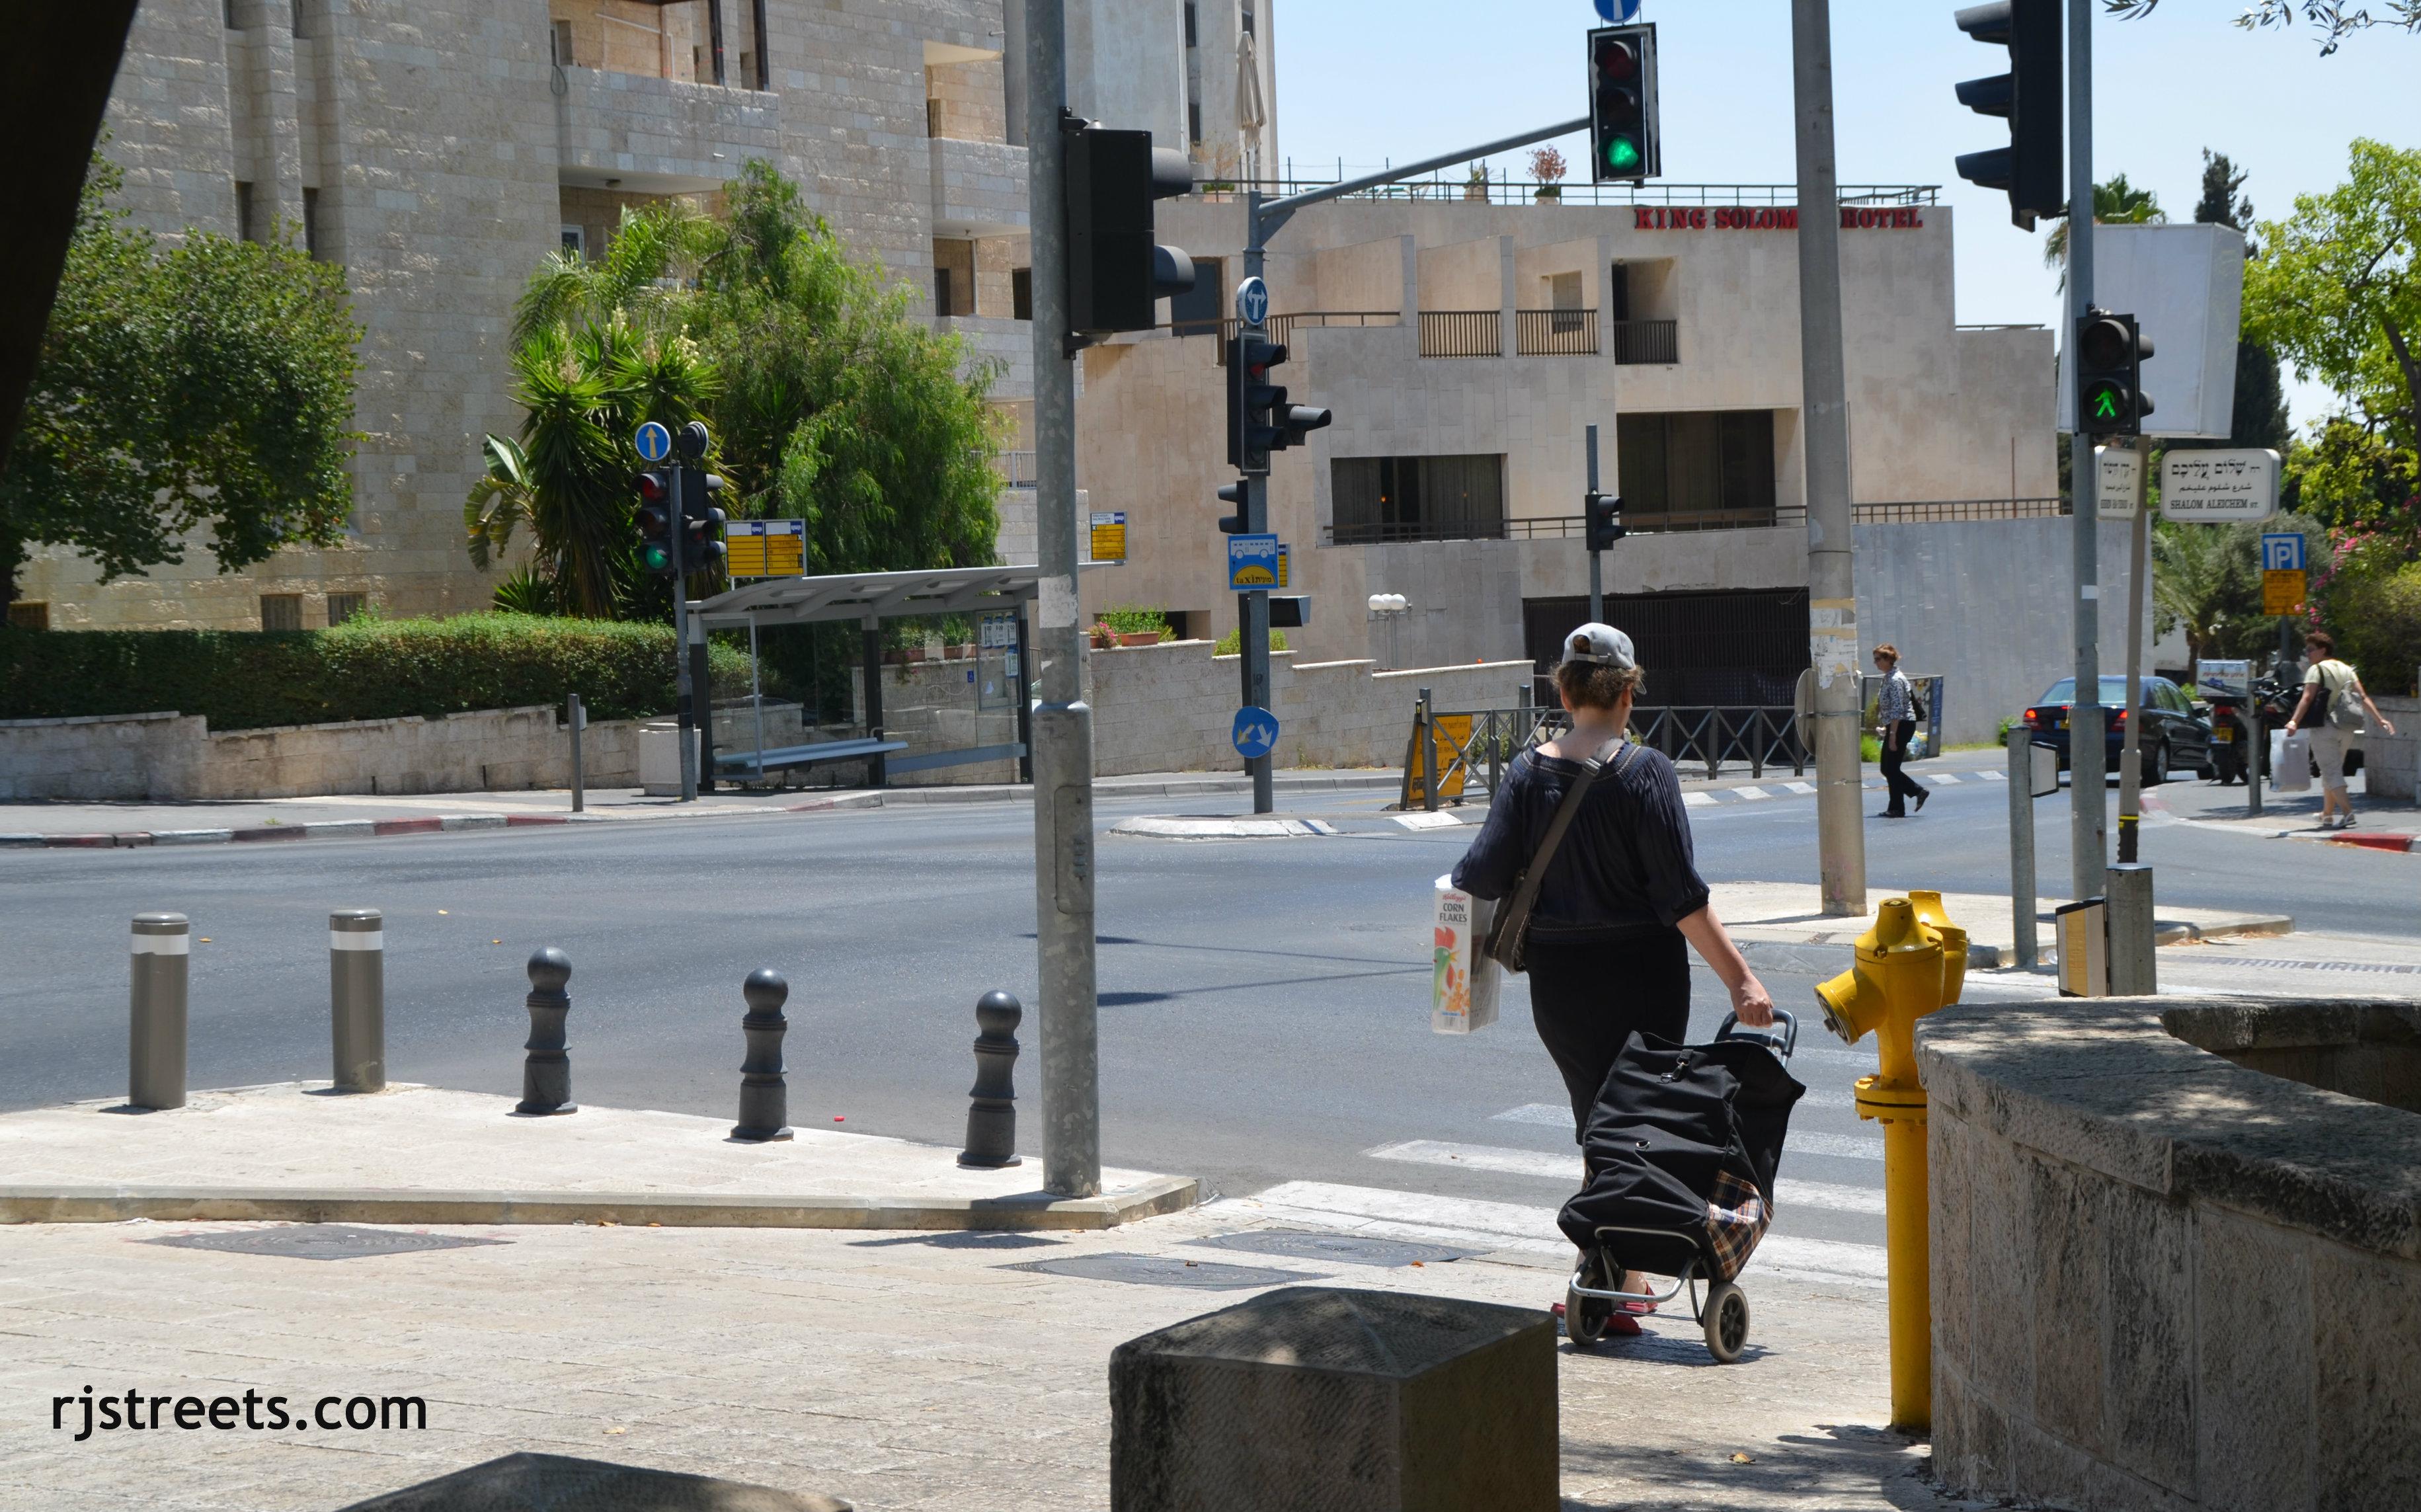 image Jerusalem Street scene